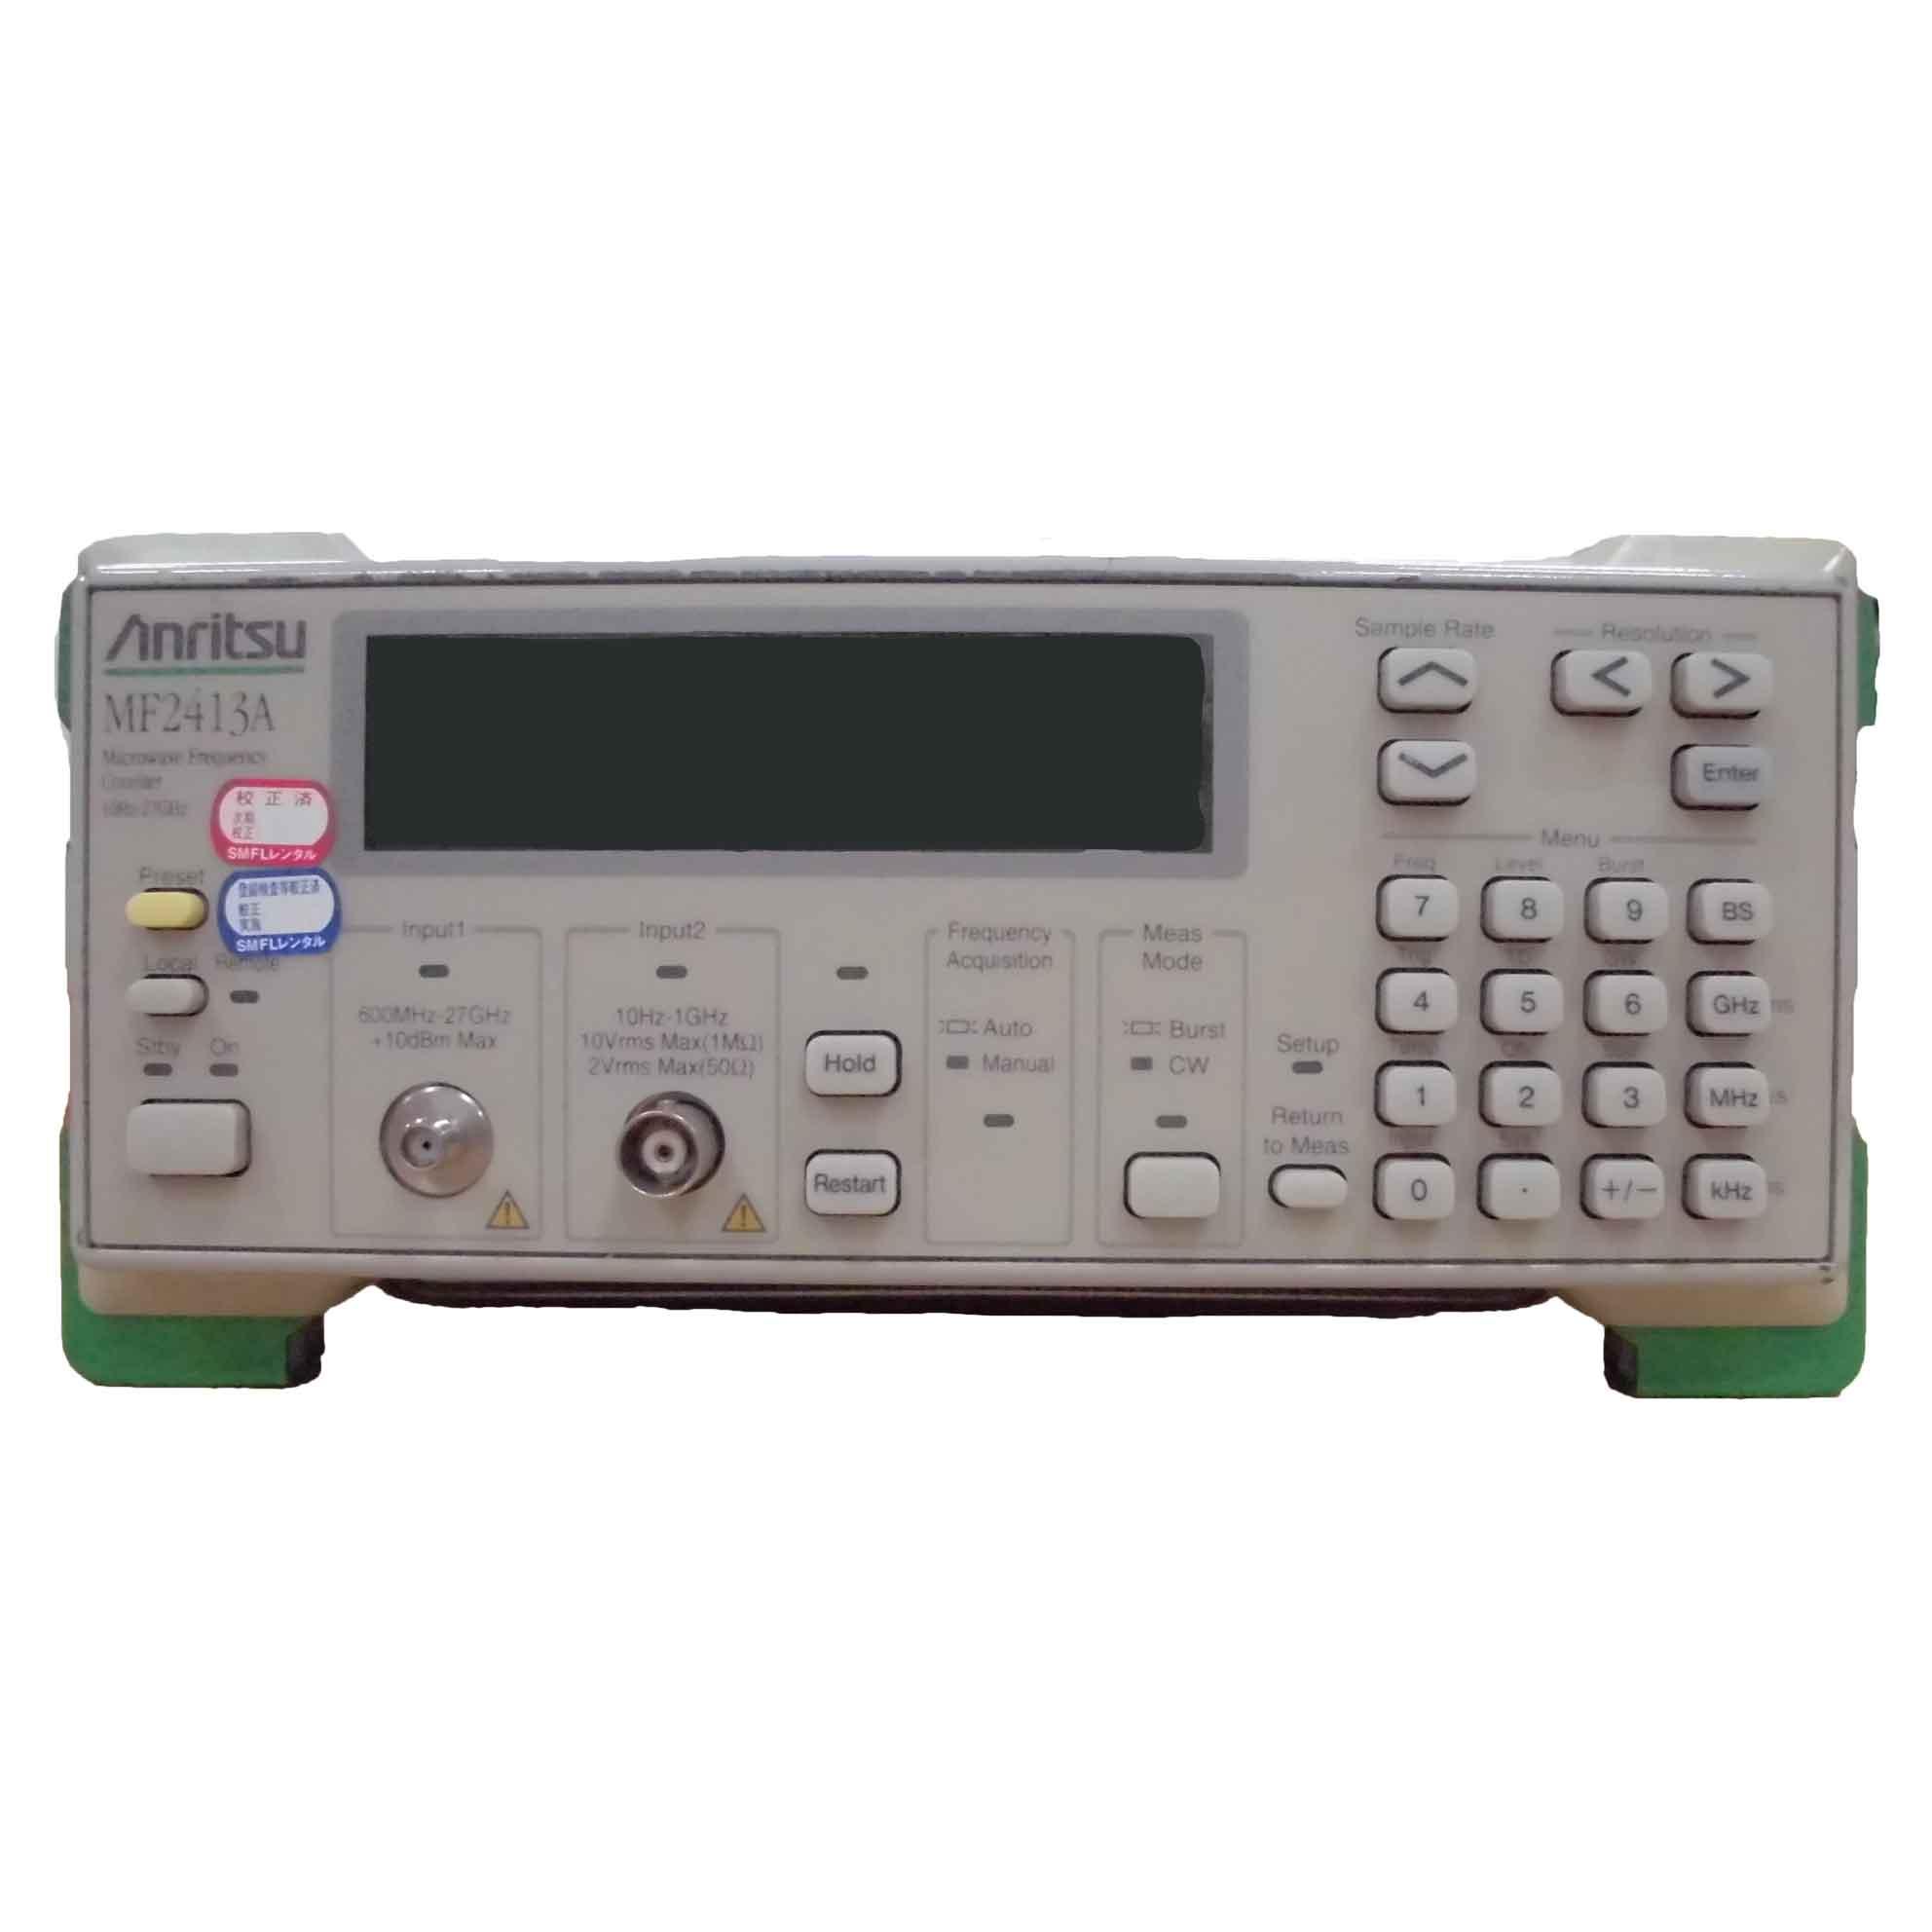 MF2413A/03 マイクロ波周波数カウンタ